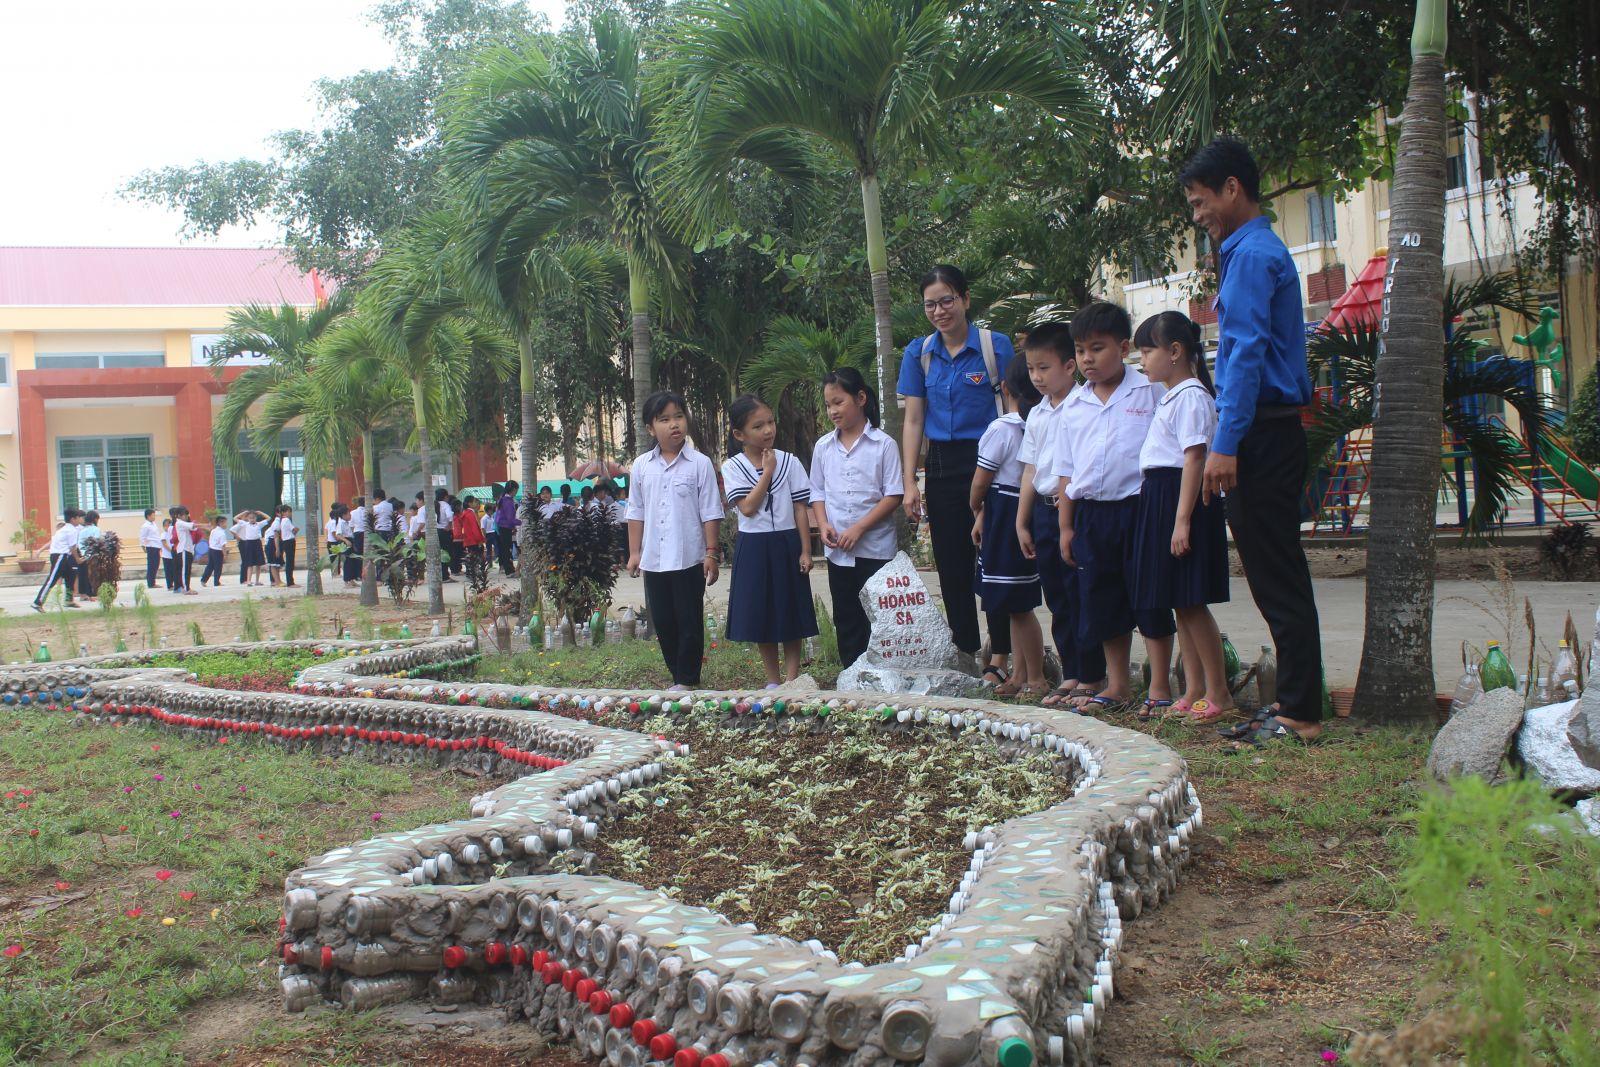 Mô hình Vườn hoa trong trường học được làm từ 1.000 chai nhựa đã qua sử dụng